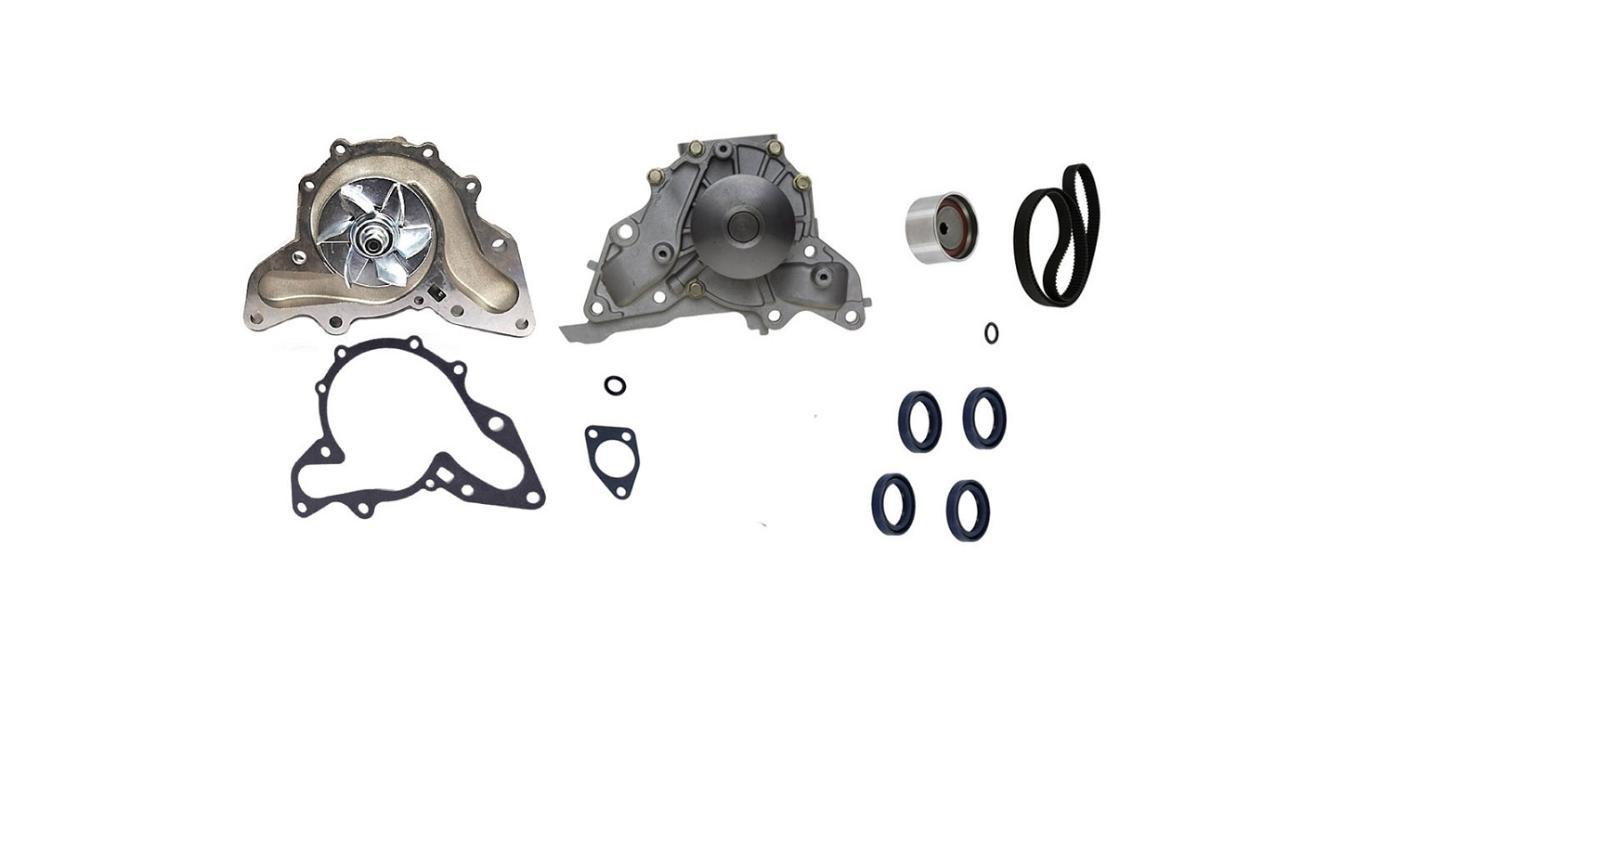 03 06 Sorento 3 5l Ustk323a Engine Timing Belt Kit With